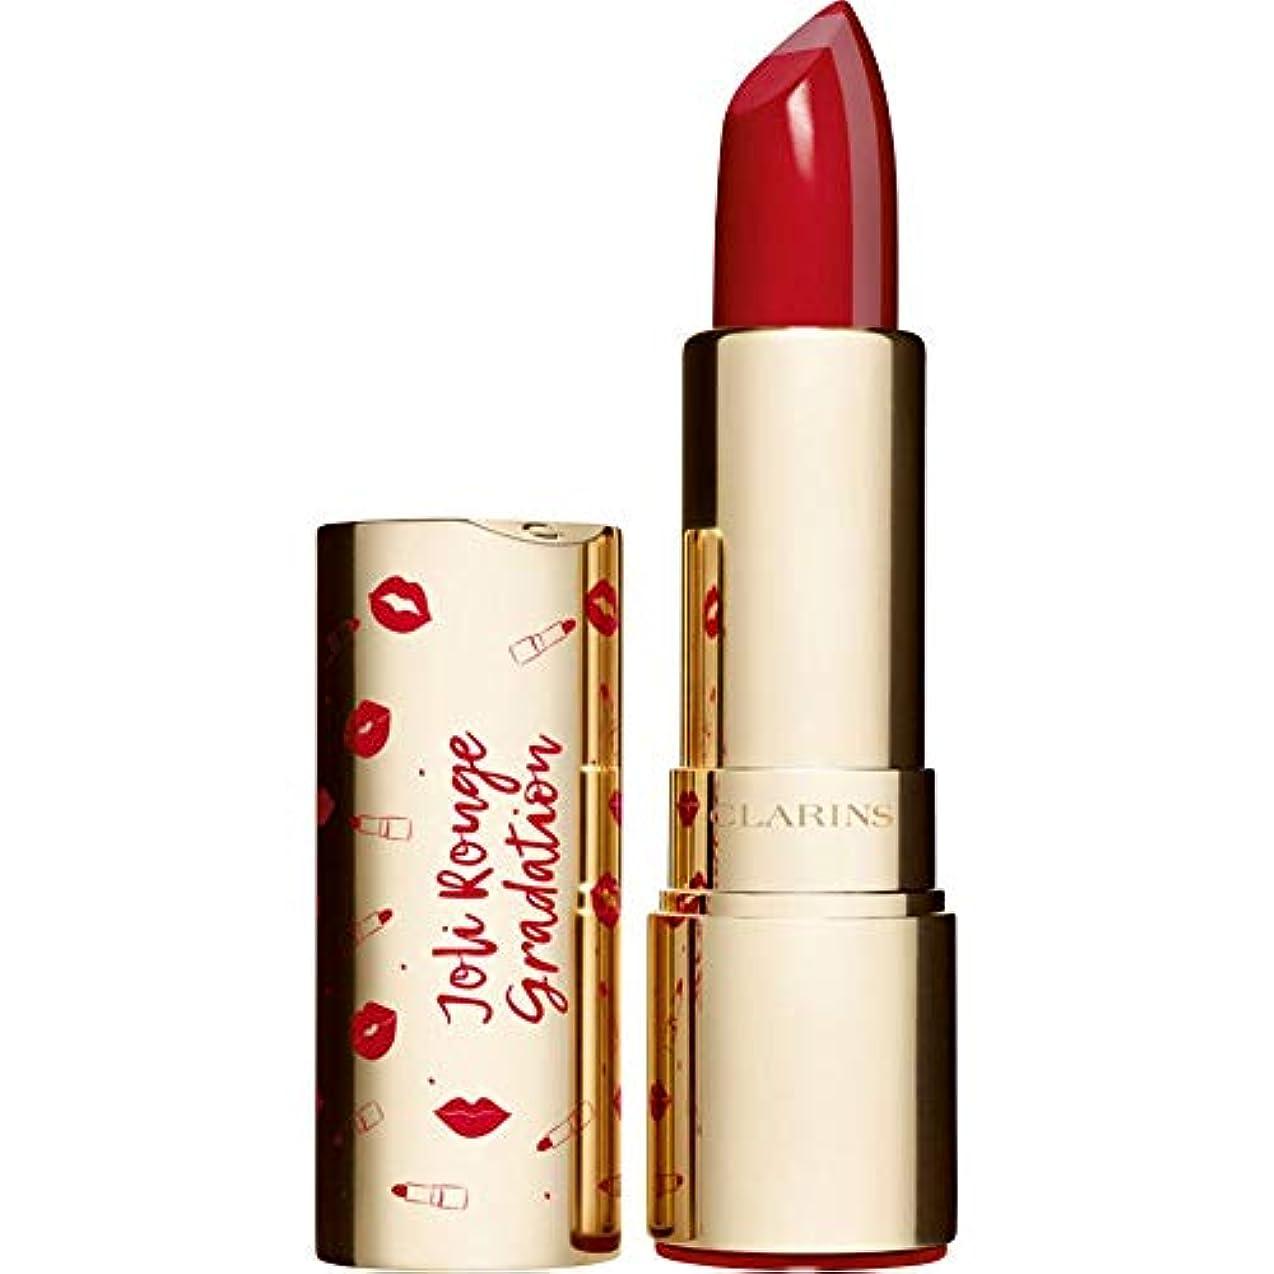 忠実インシュレータヒューム[Clarins ] クラランスジョリルージュグラデーションツートンカラーの口紅3.5グラム802 - 赤のグラデーション - Clarins Joli Rouge Gradation Two-Toned Lipstick...